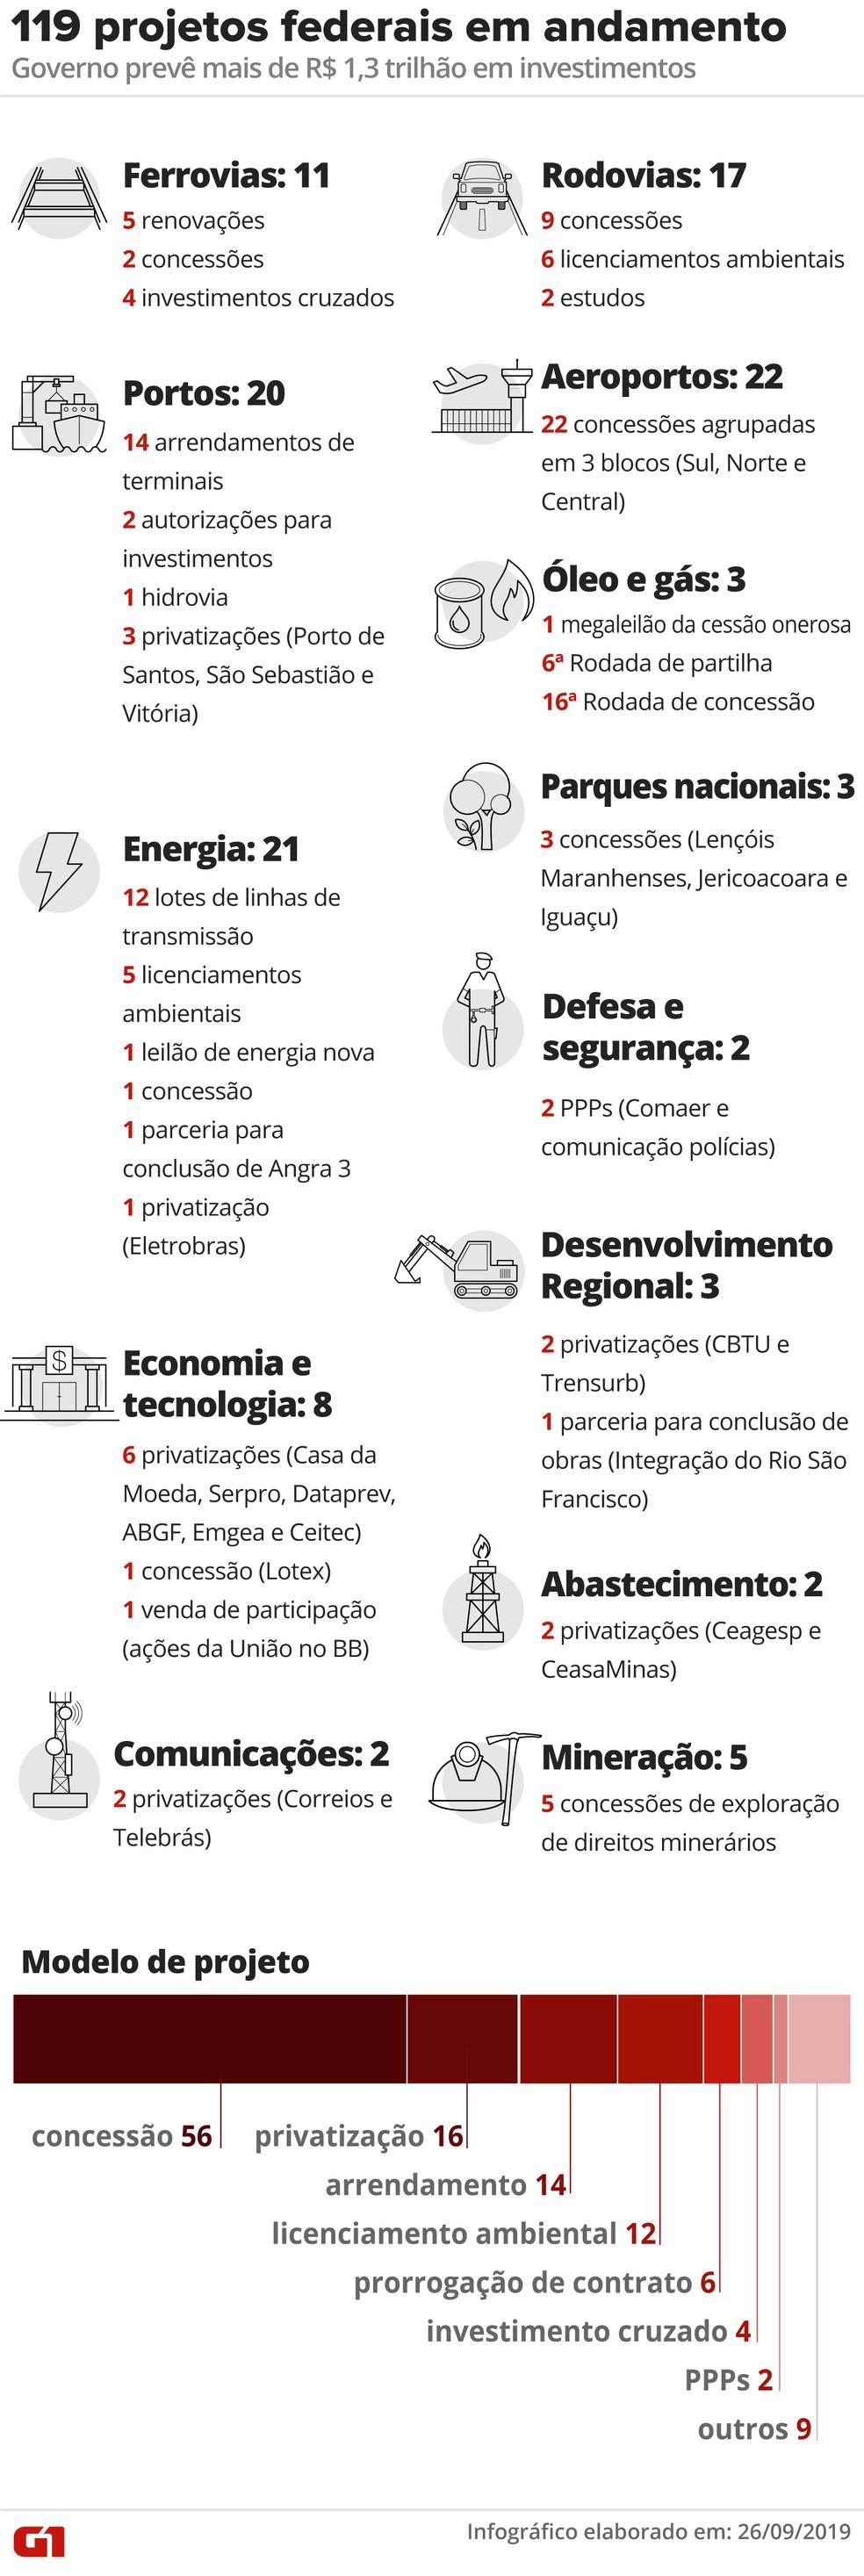 119 projetos federais em andamento — Foto: Infografia: Wagner Magalhães/G1